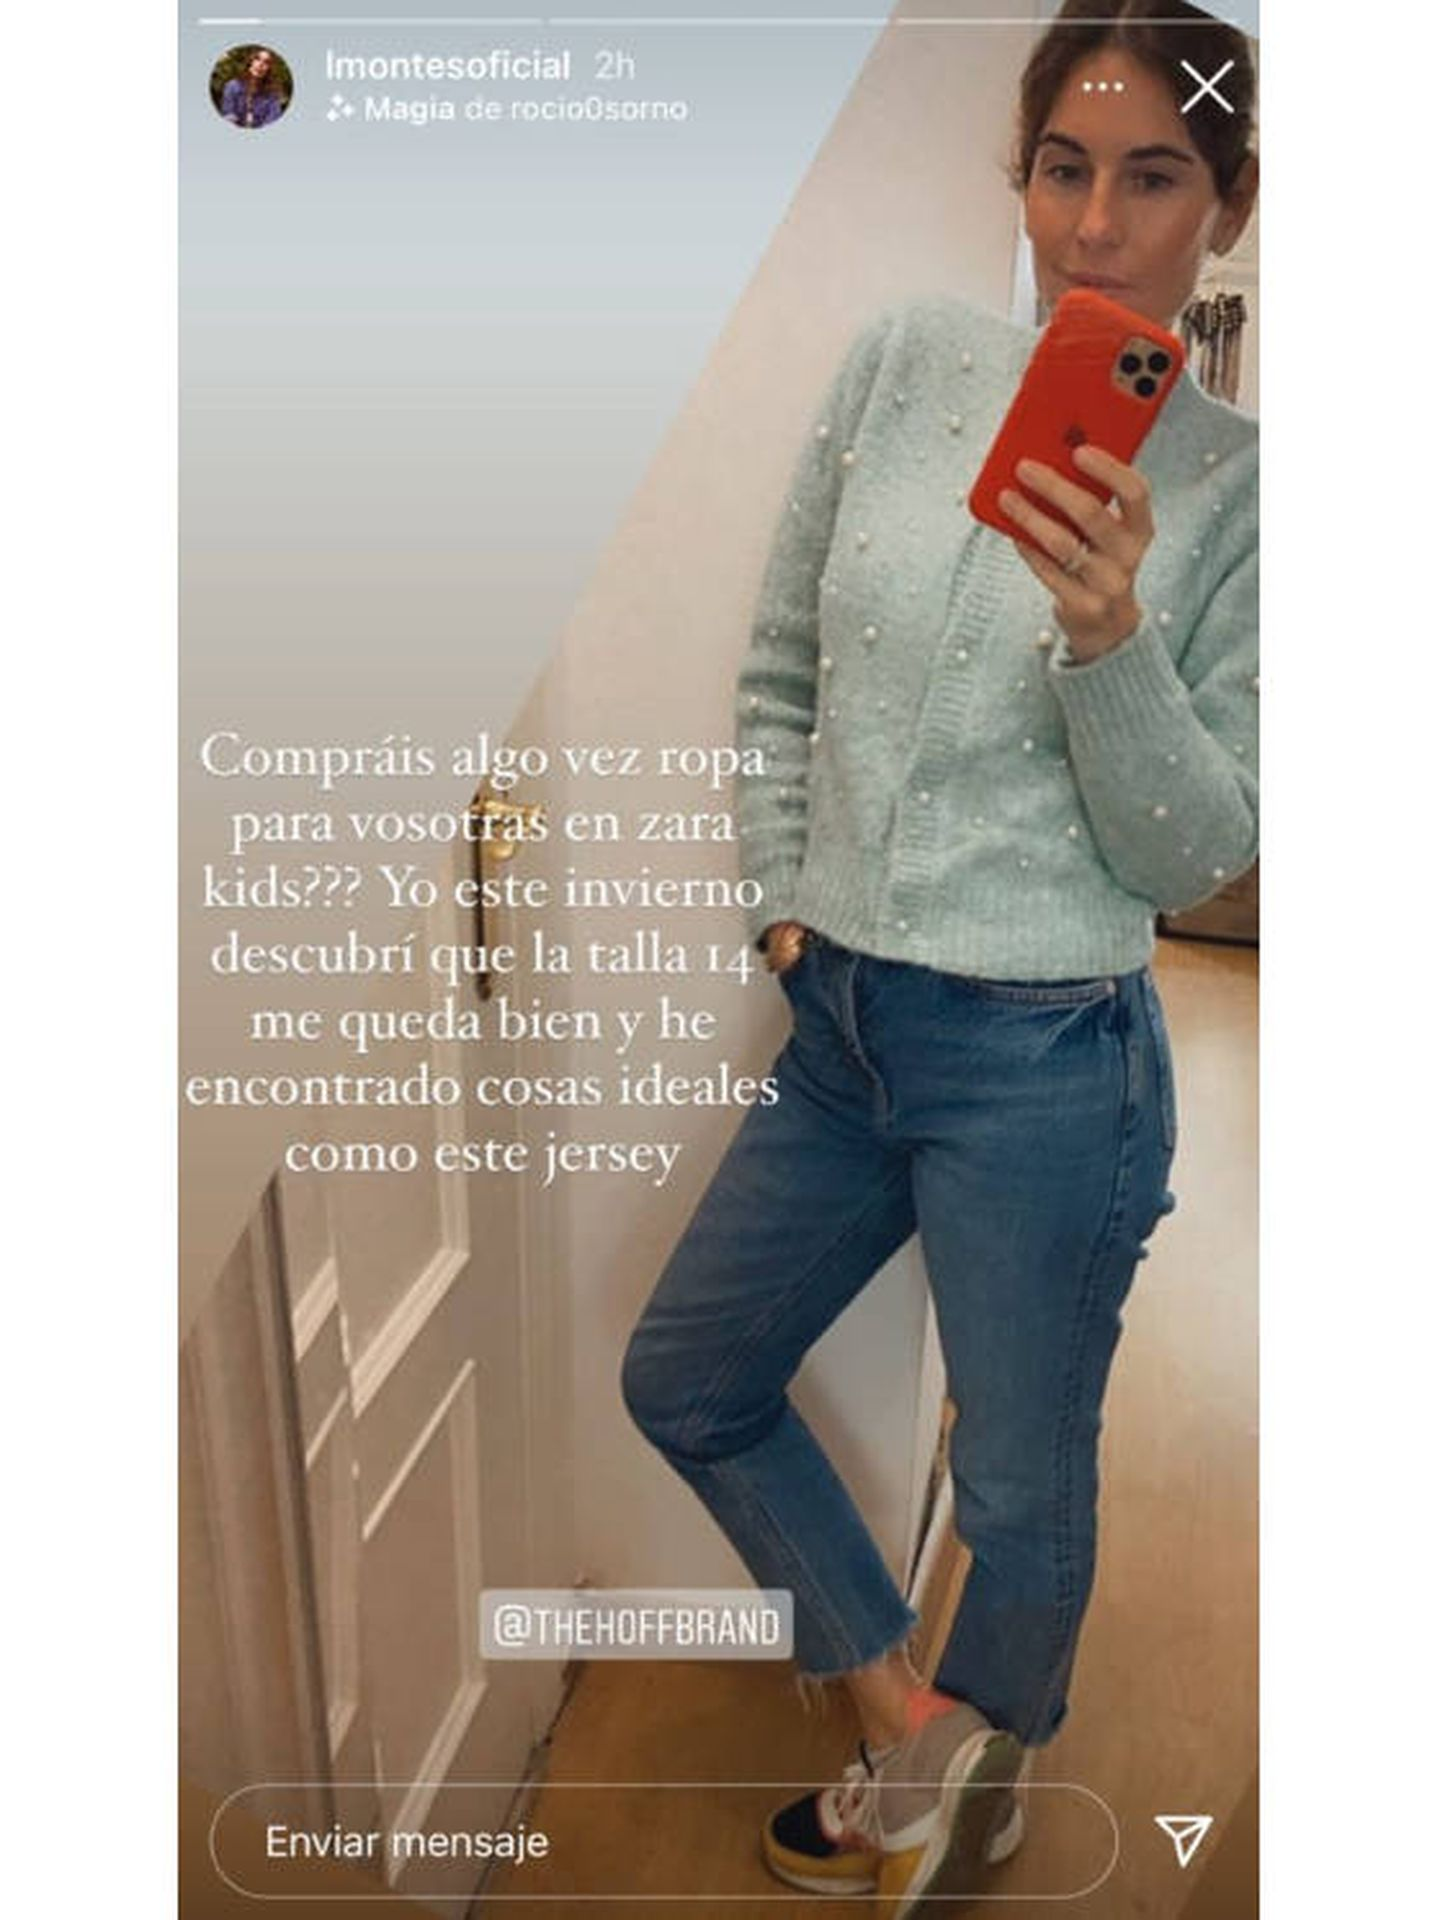 Un storie de Lourdes Montes con la chaqueta de punto de Zara Kids. (Instagram @lmontesoficial)